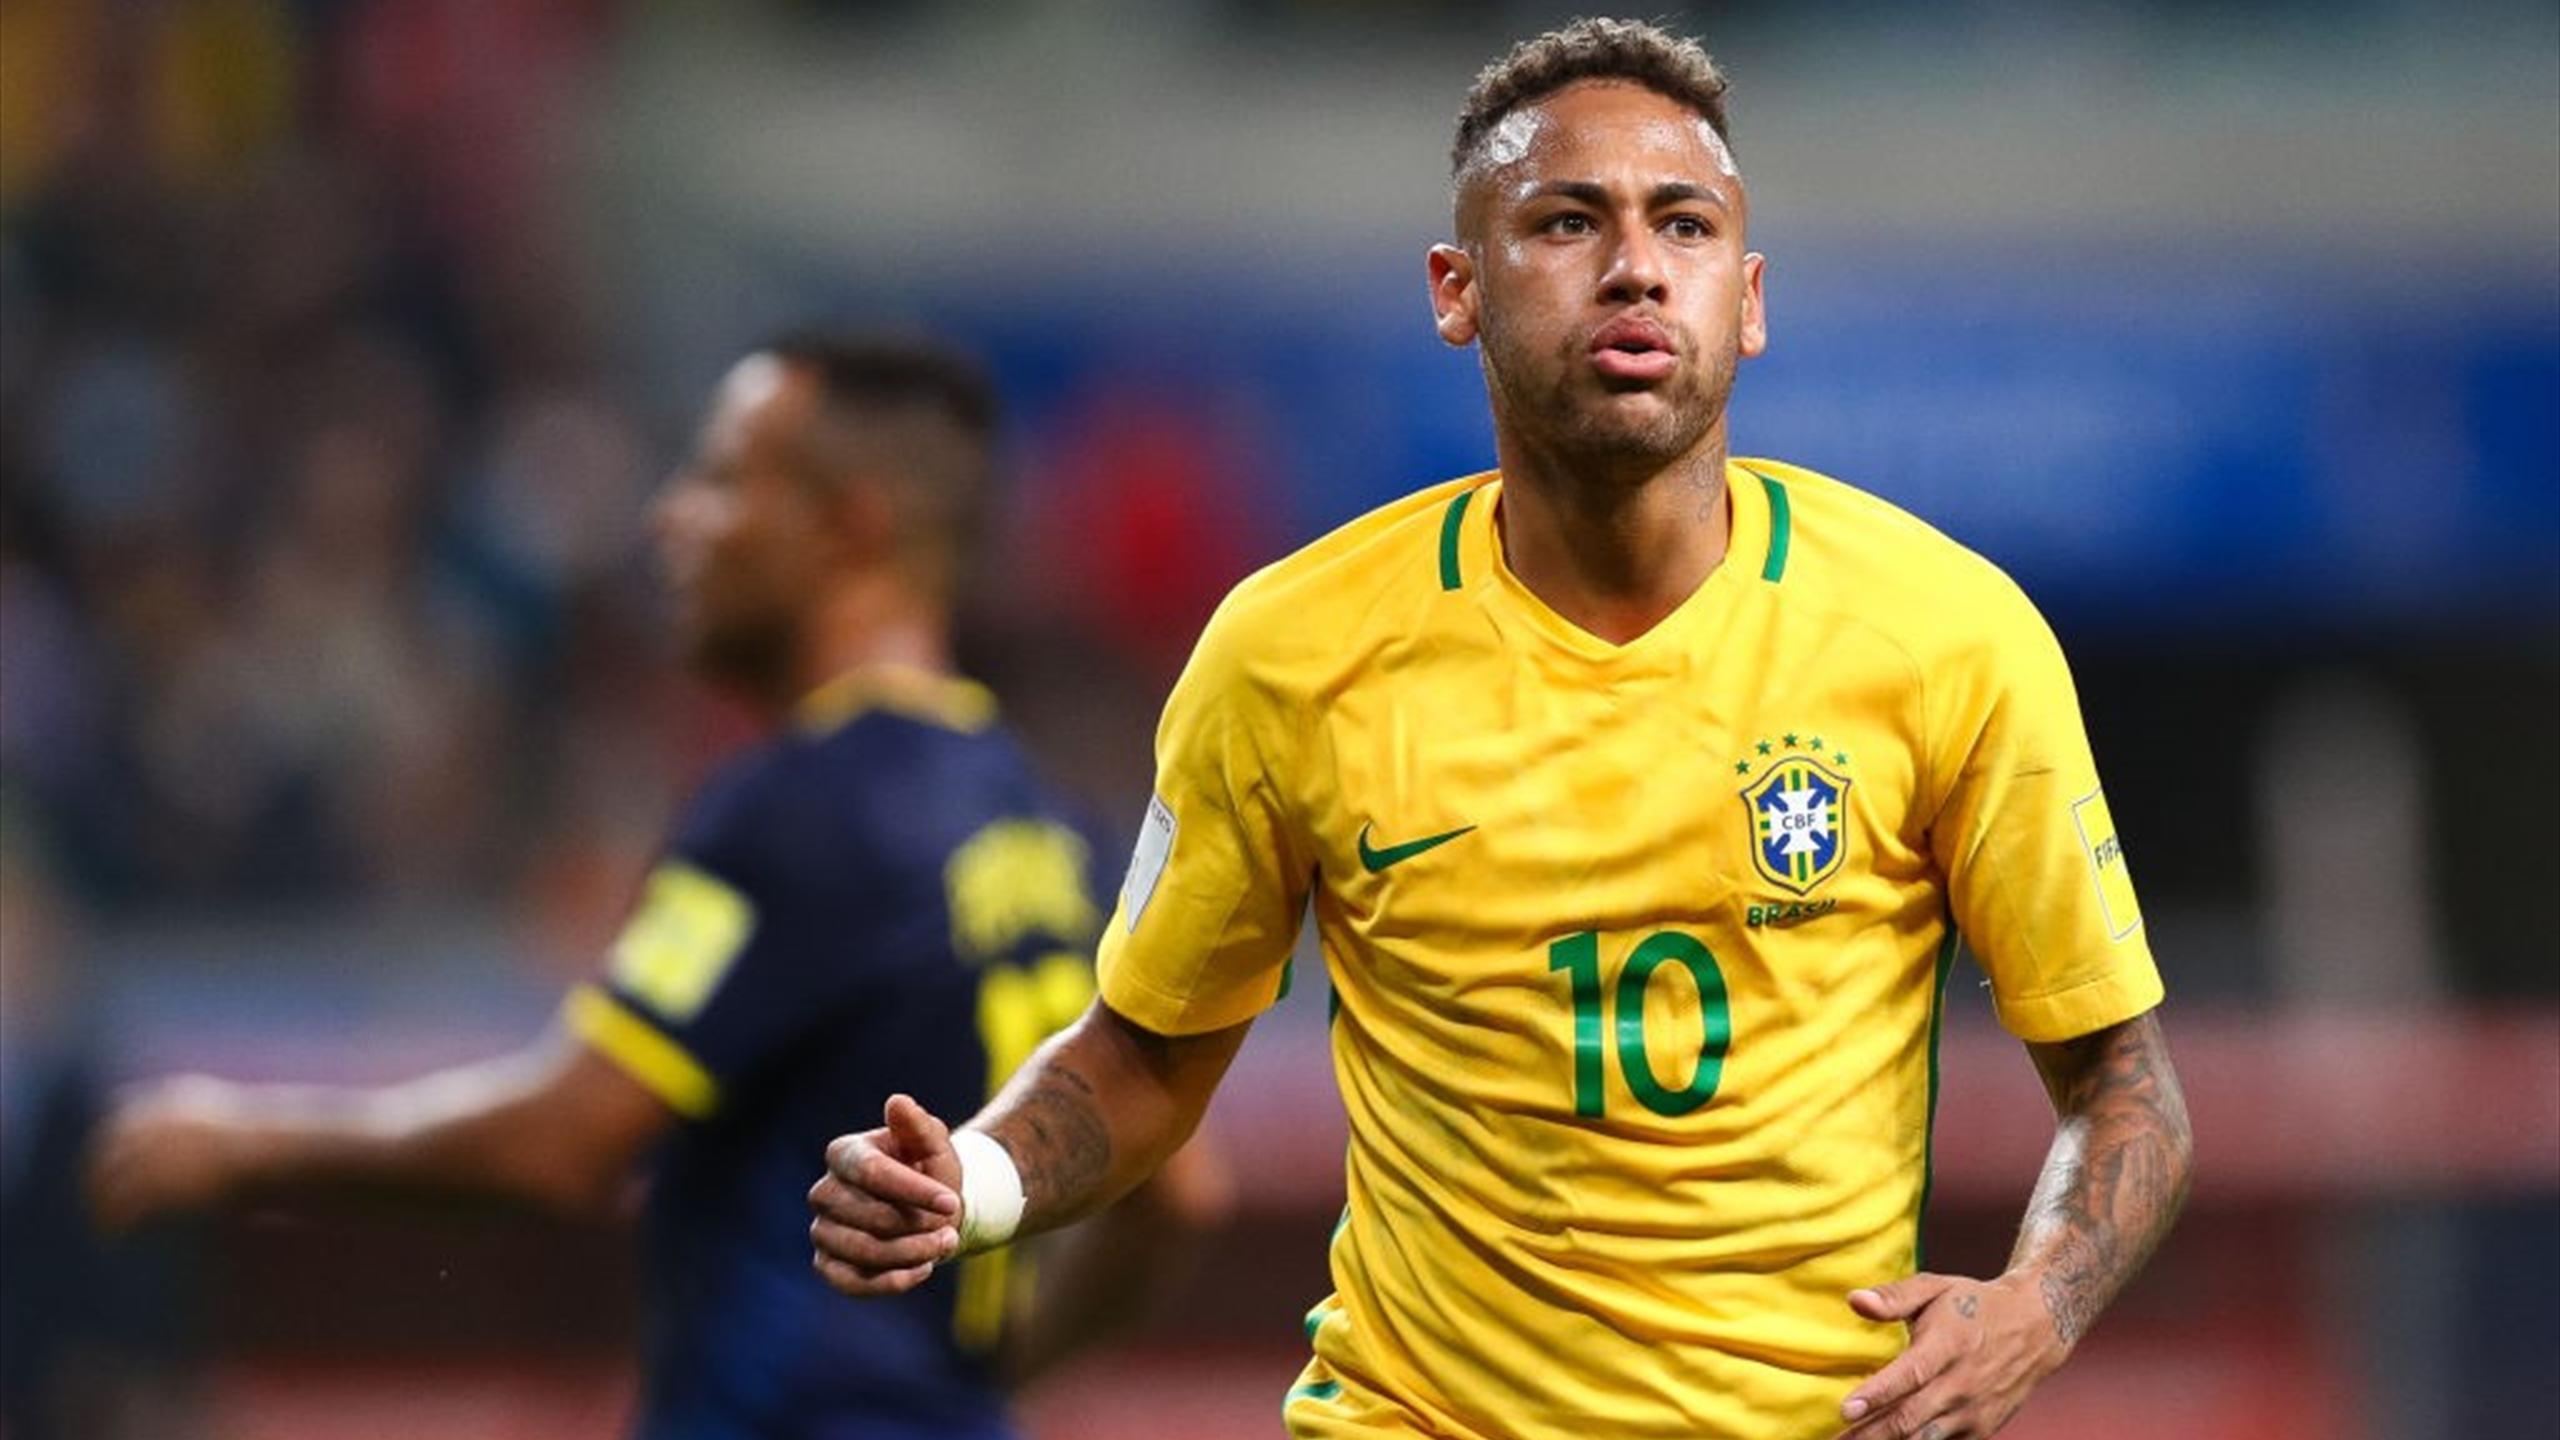 Sverige brasilien i davis cup